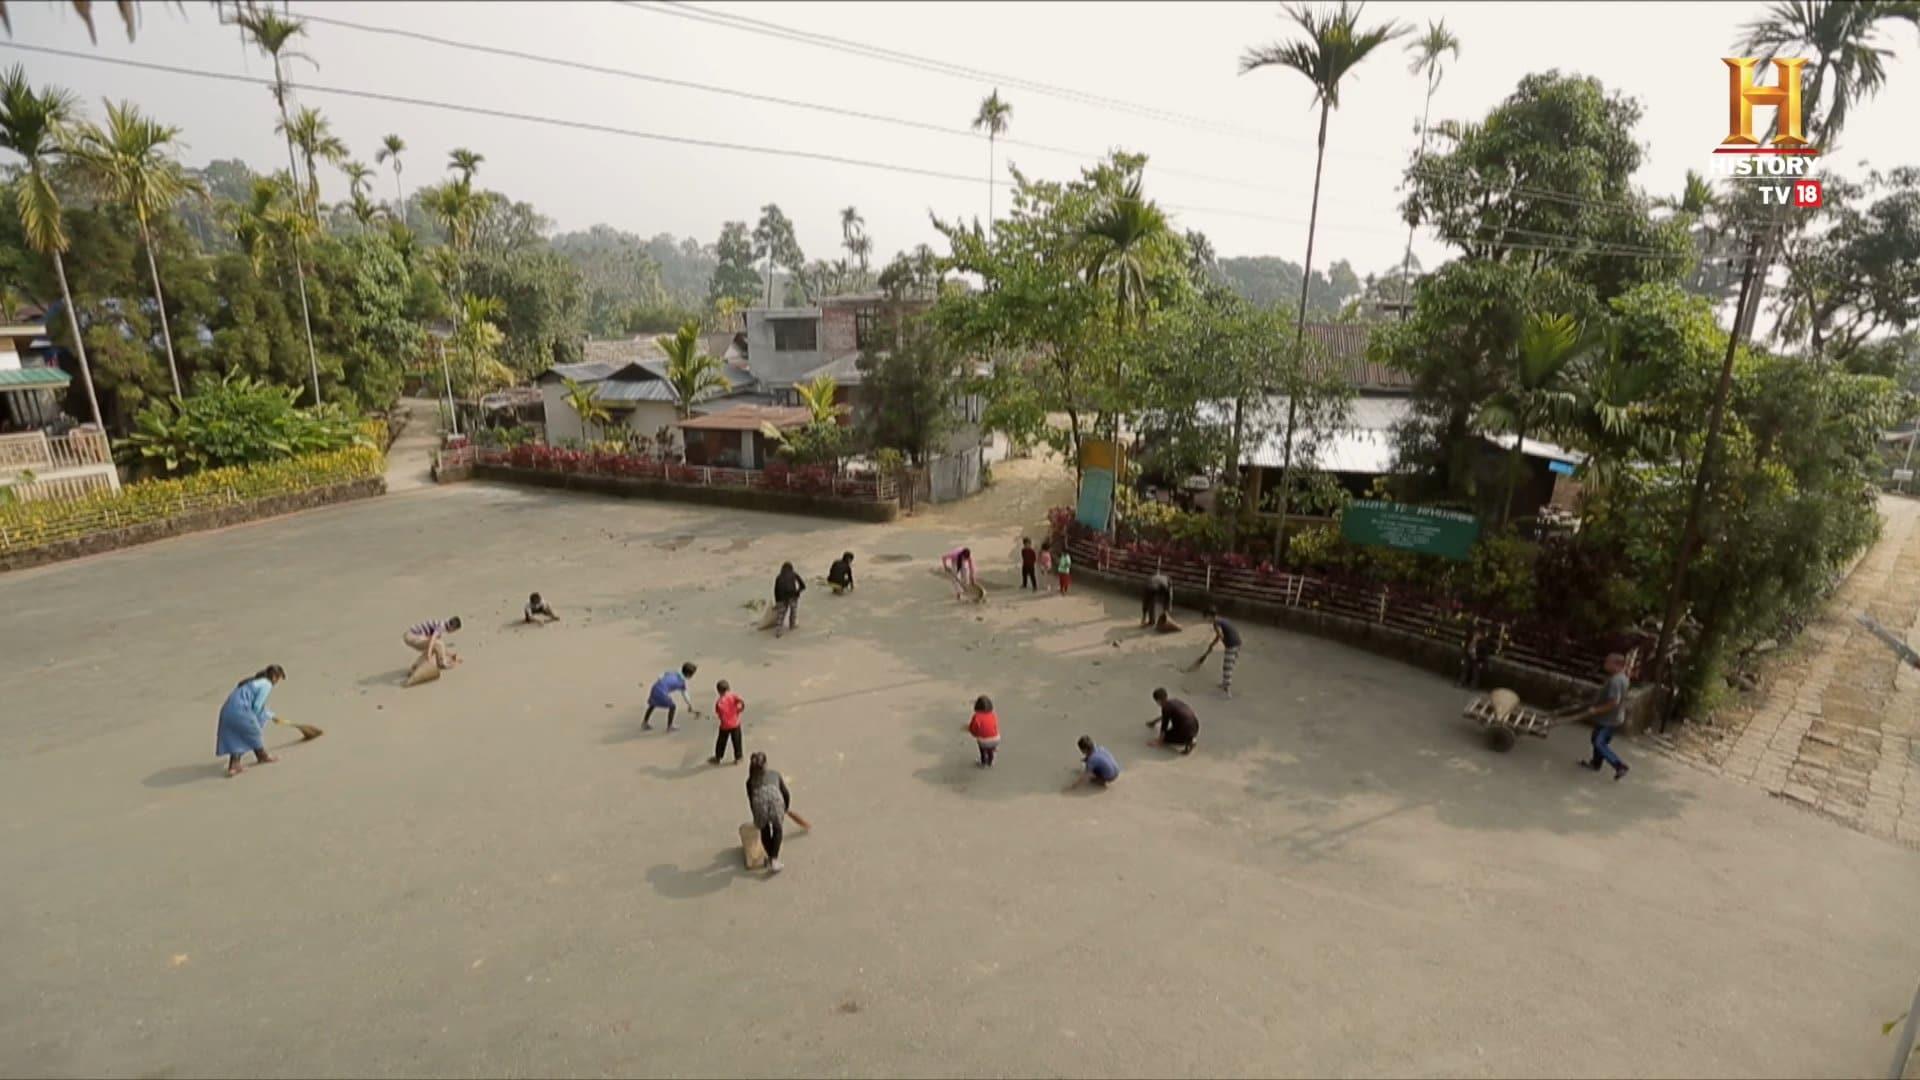 Ngôi làng sạch nhất Ấn Độ - Mawlynnong , giữ gìn vệ sinh